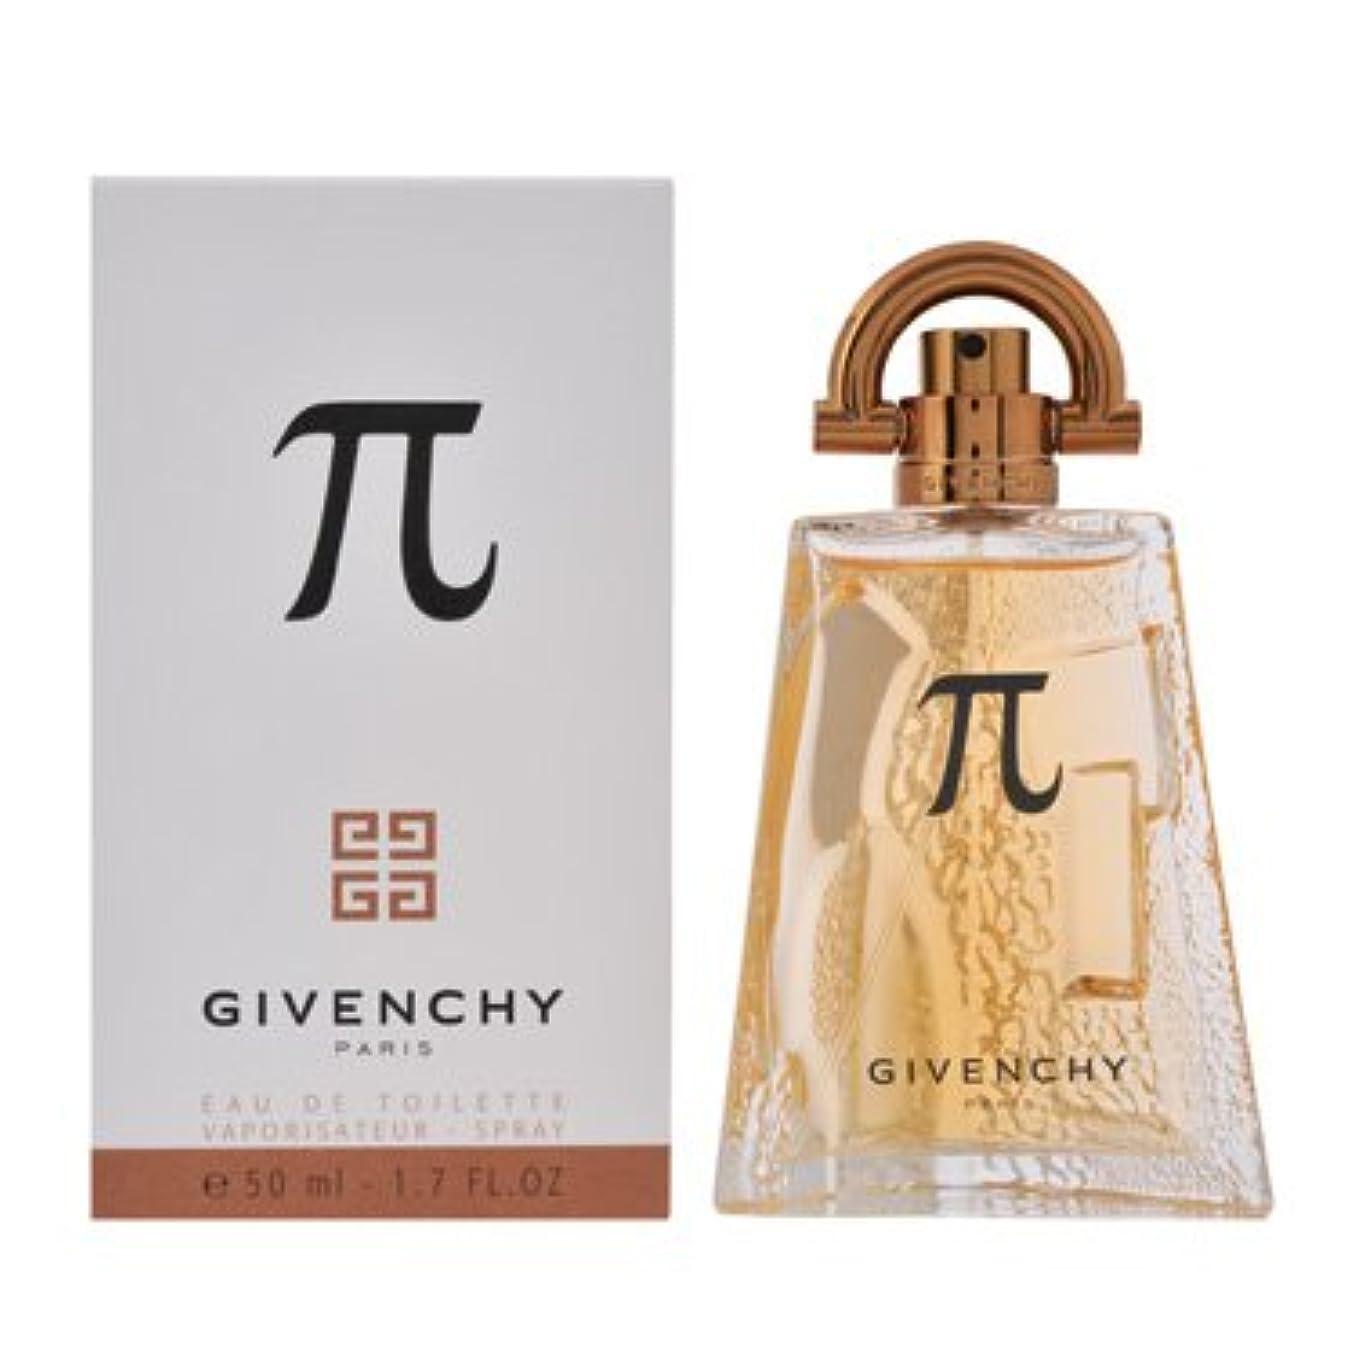 診療所うまくやる()急流GIVENCHY(ジバンシイ) GIVENCHY ジバンシイ パイ EDT/50mL3274878222551 香水 フレグランス 香水?フレグランス